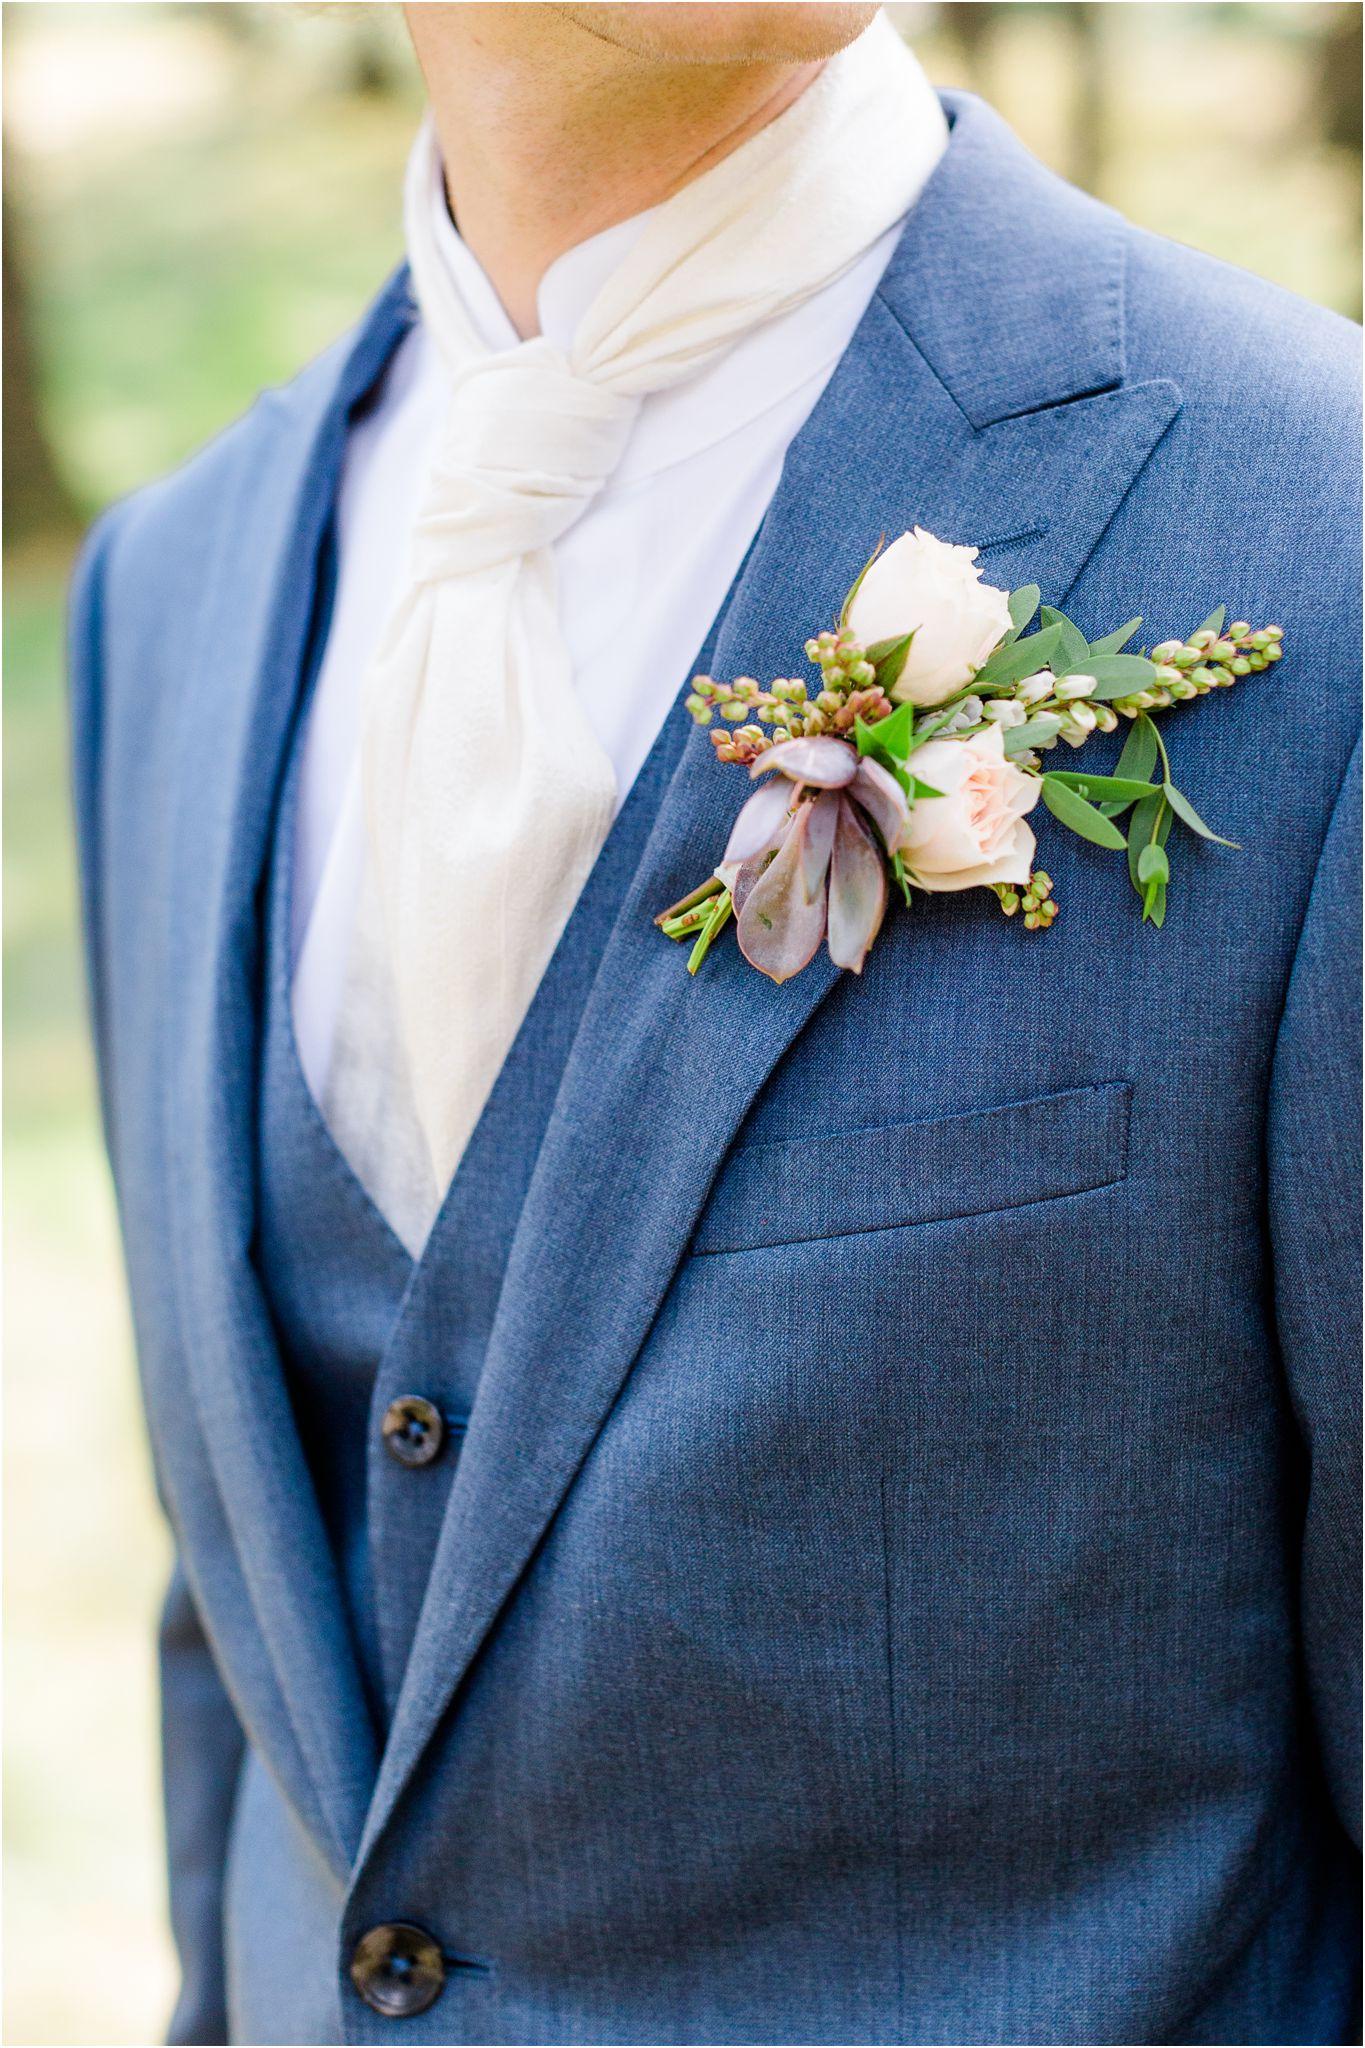 private-estate-wedding-hamilton-photos_00013.JPG